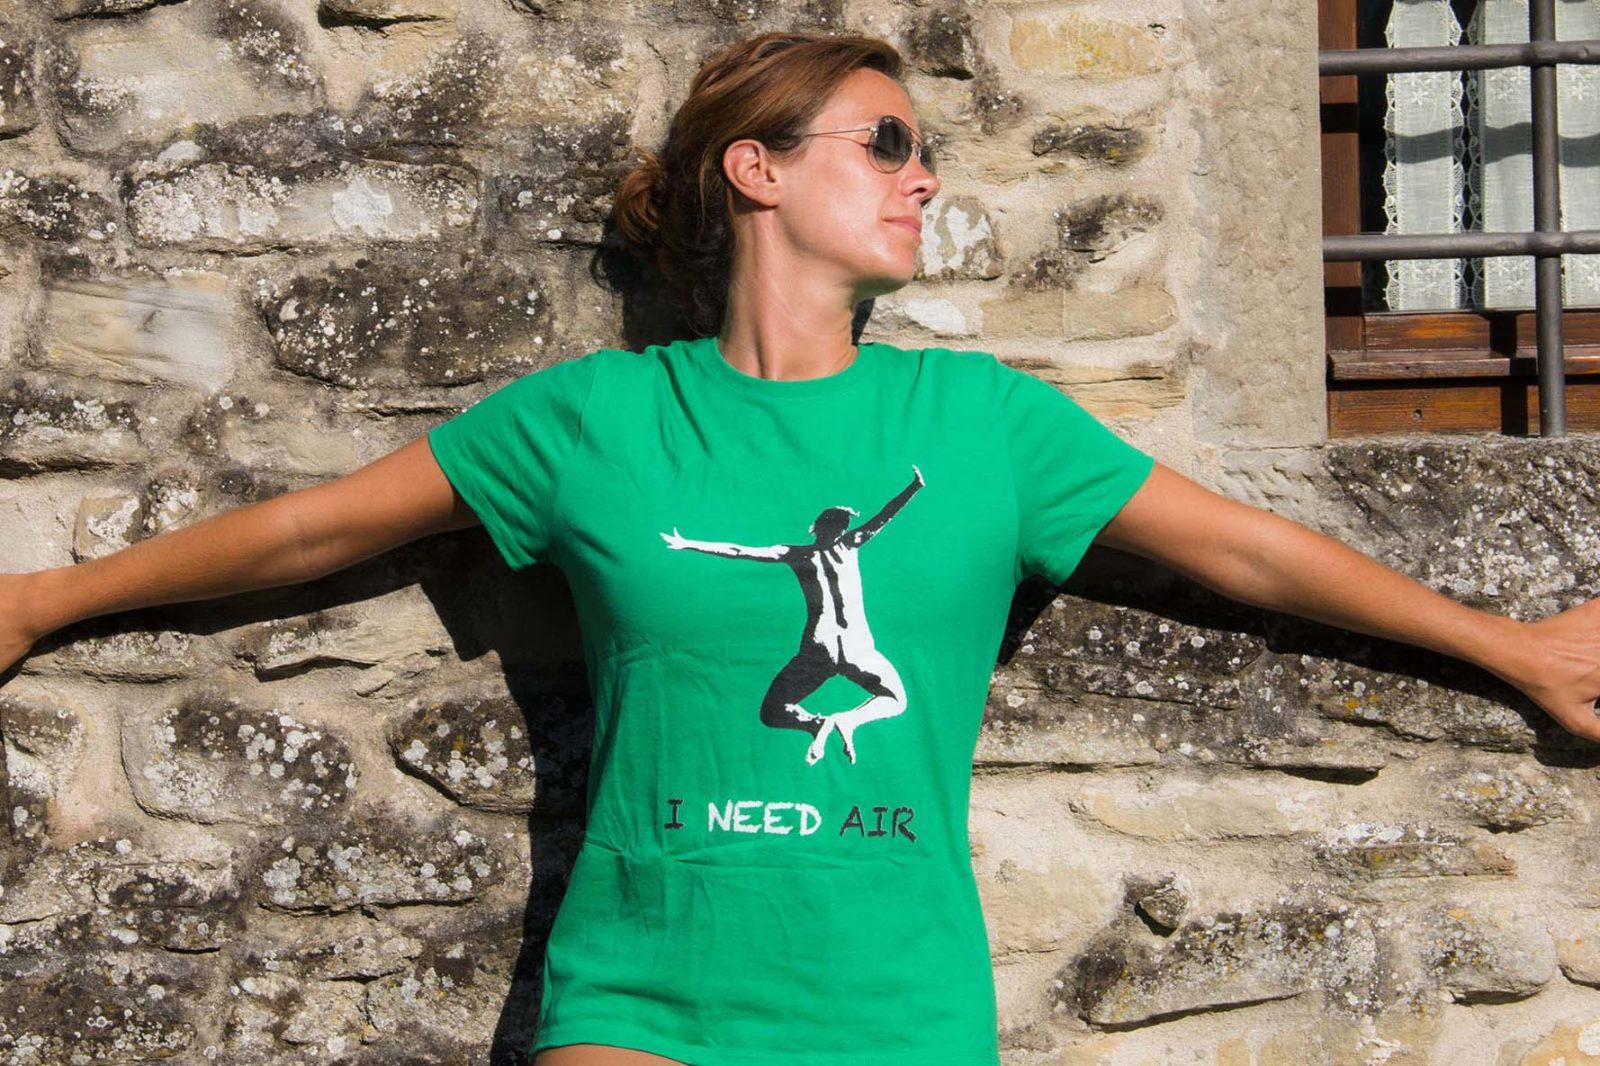 Naked Wanderings I Need Air T-shirts